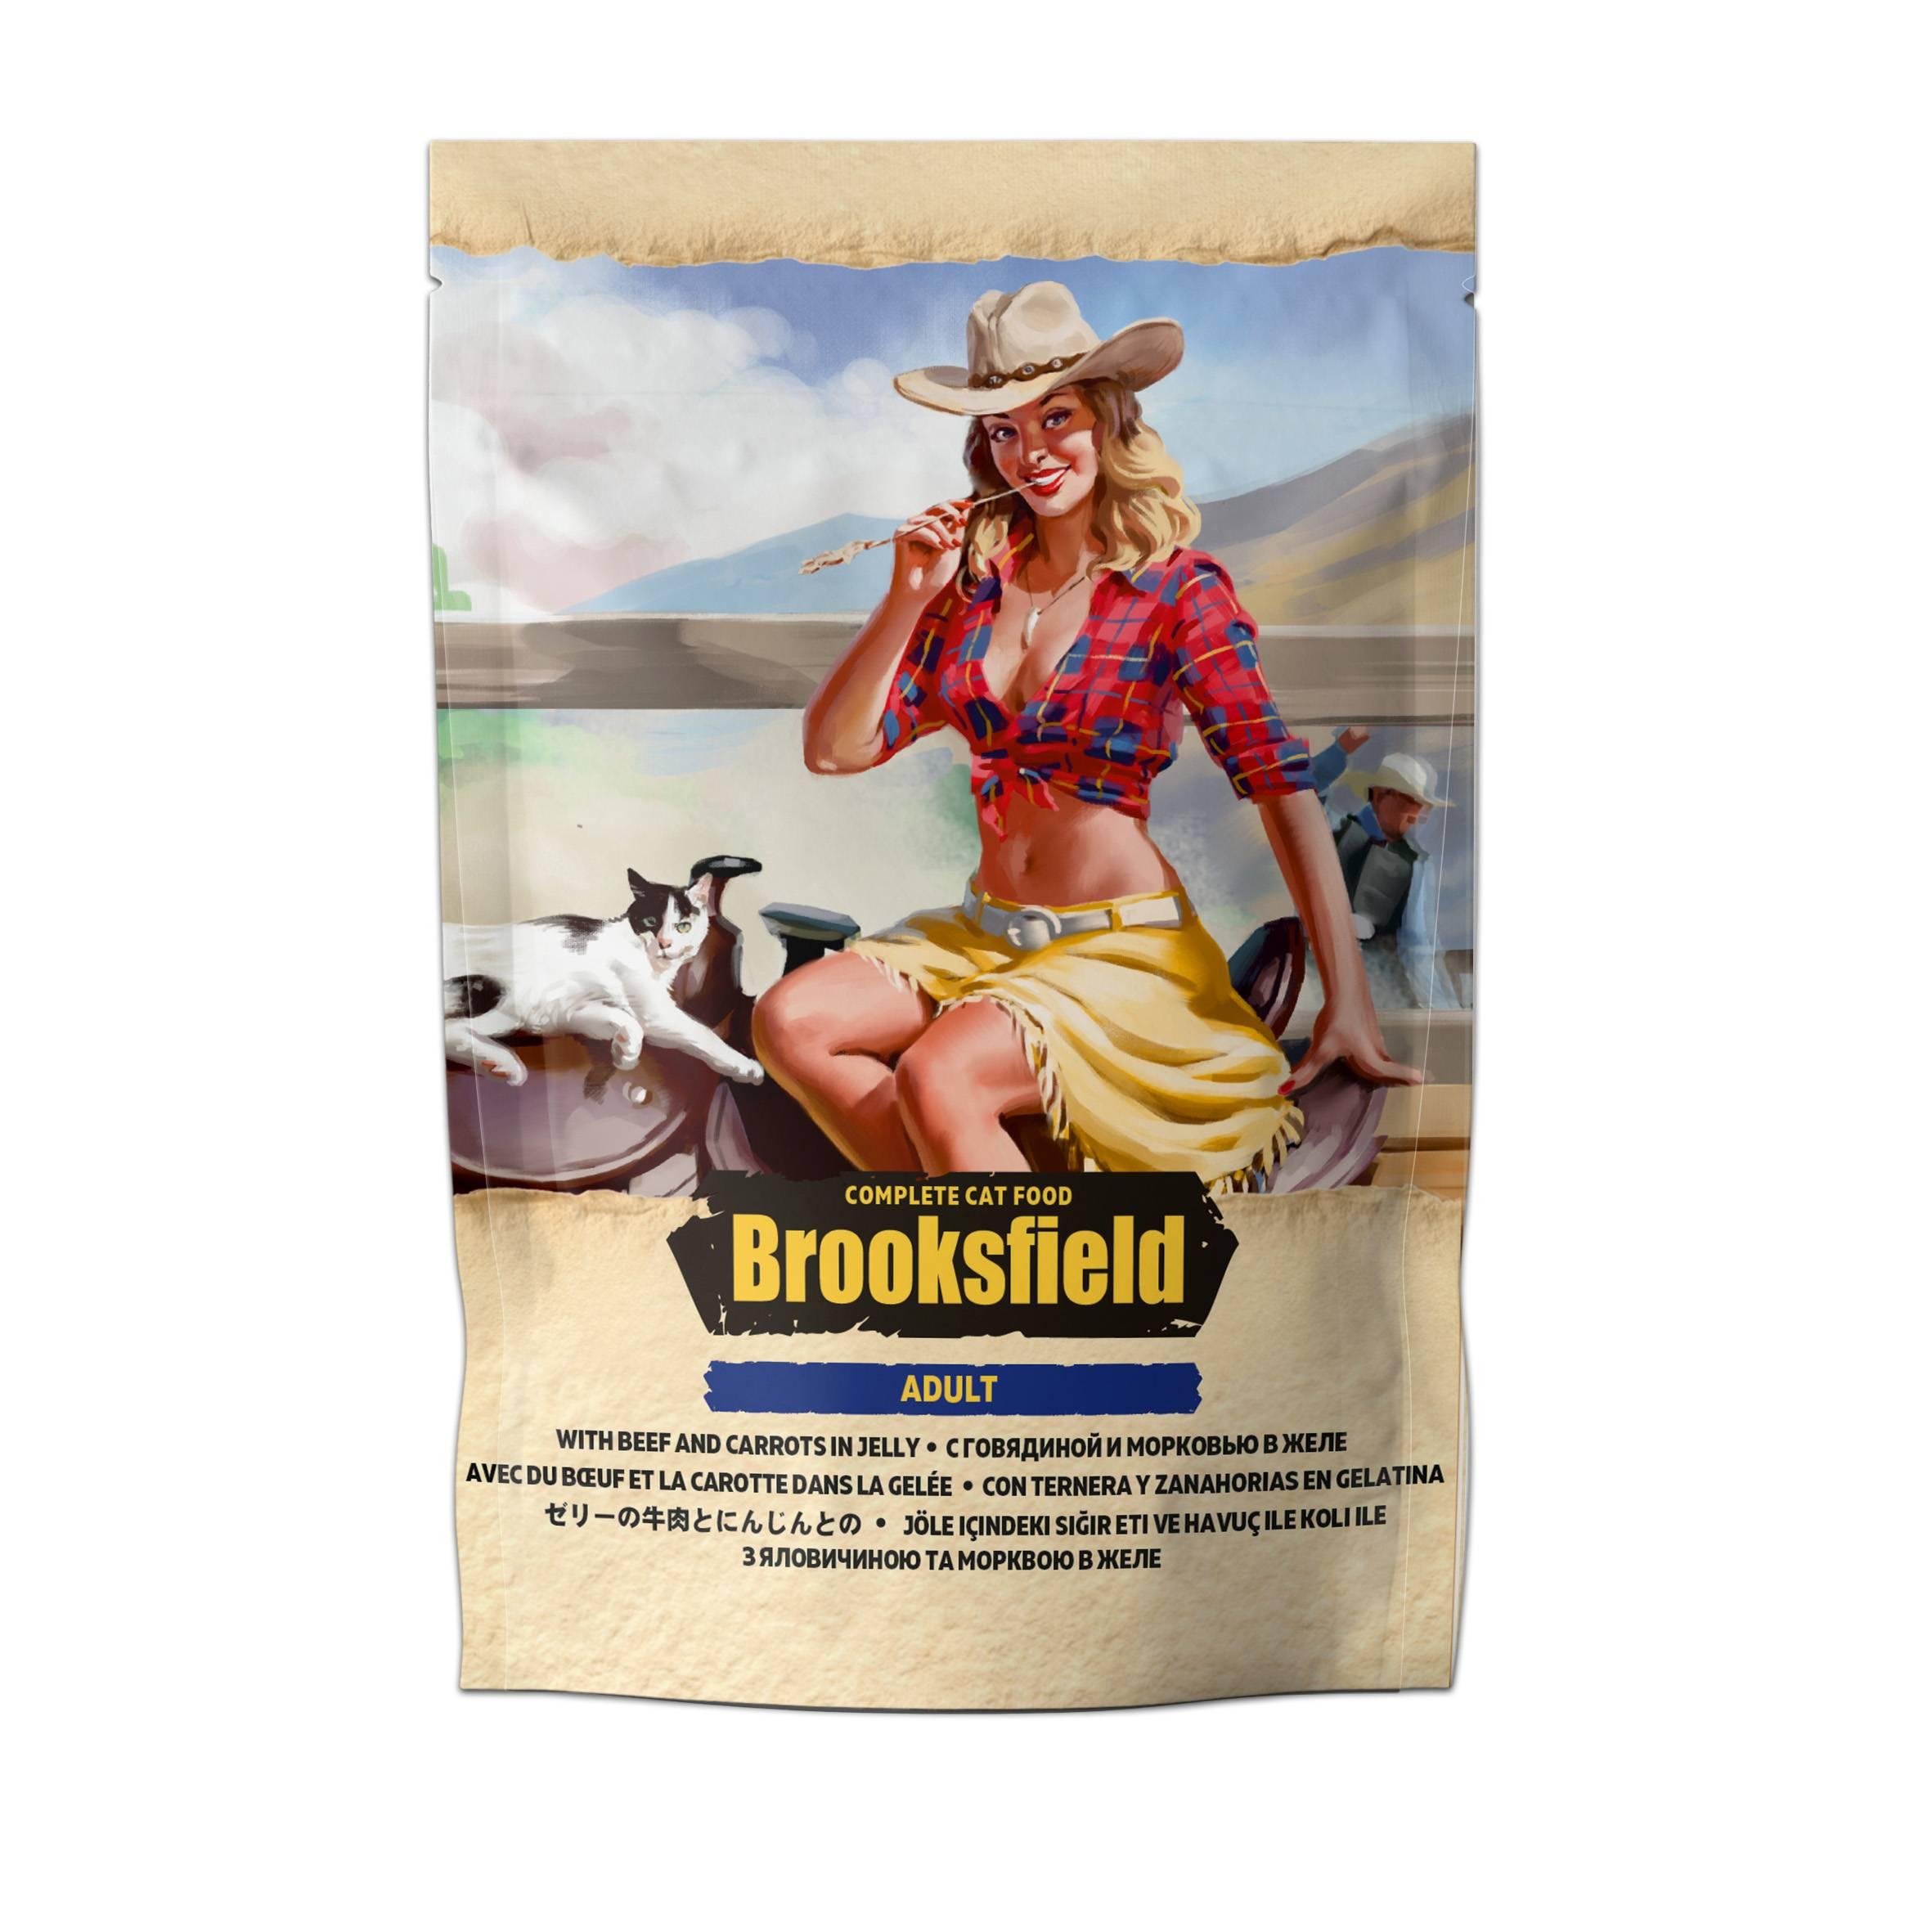 Корм для кошек brooksfield: отзывы, разбор состава, цена